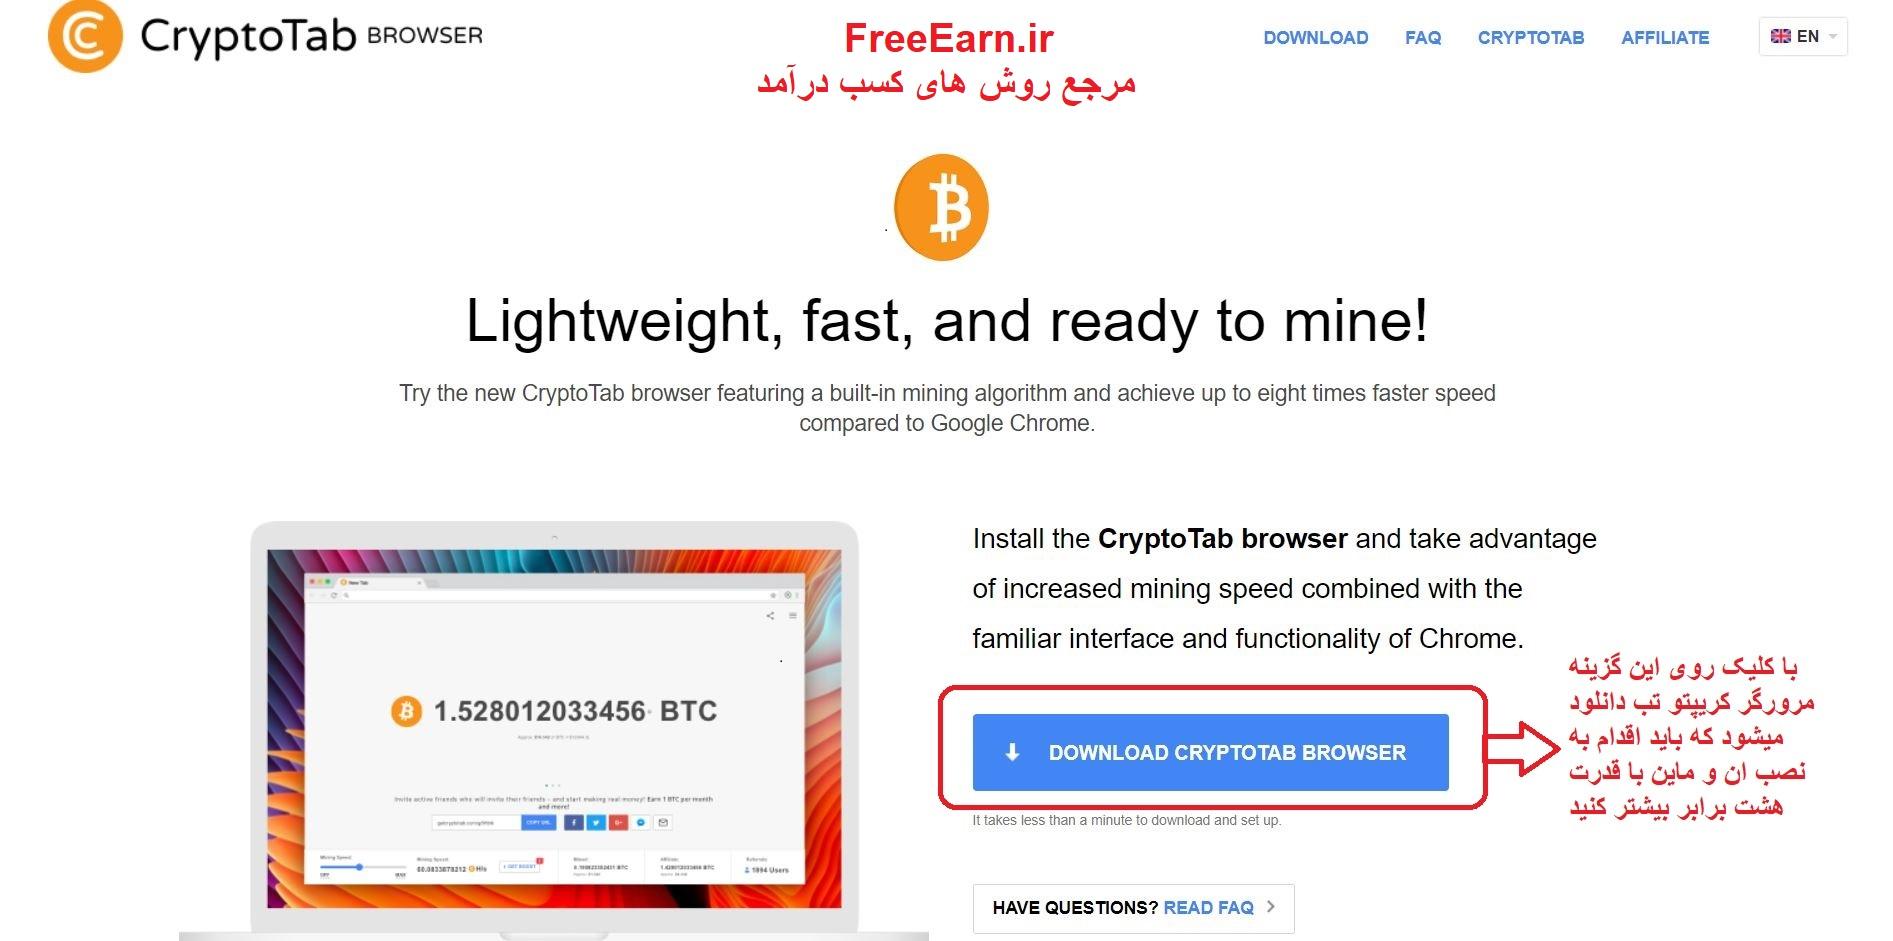 دانلود مرورگر crypto browser